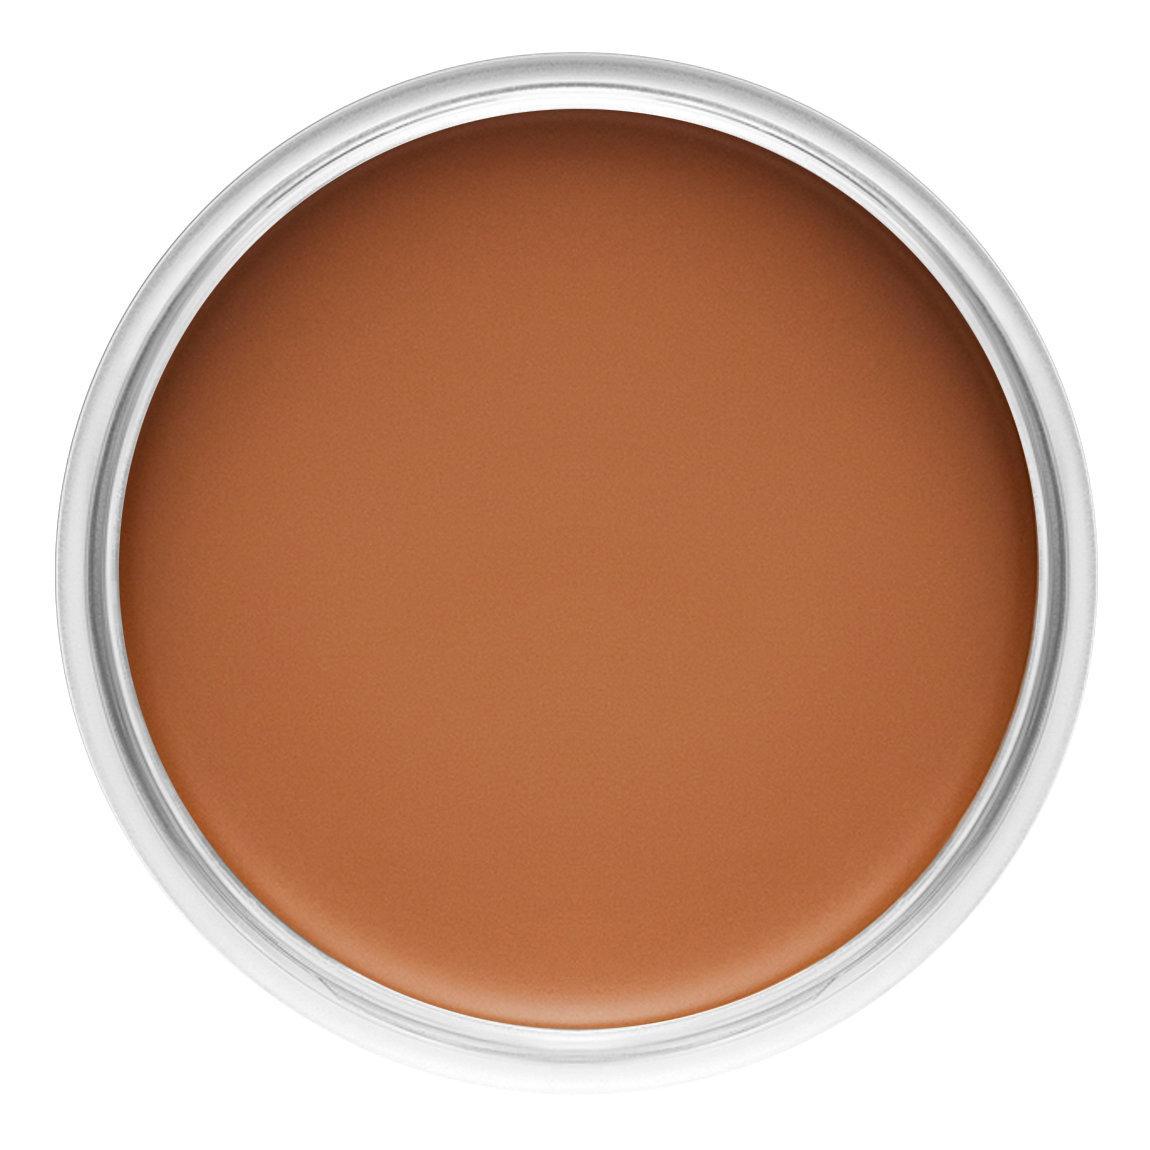 Anastasia Beverly Hills Cream Bronzer Caramel alternative view 1.